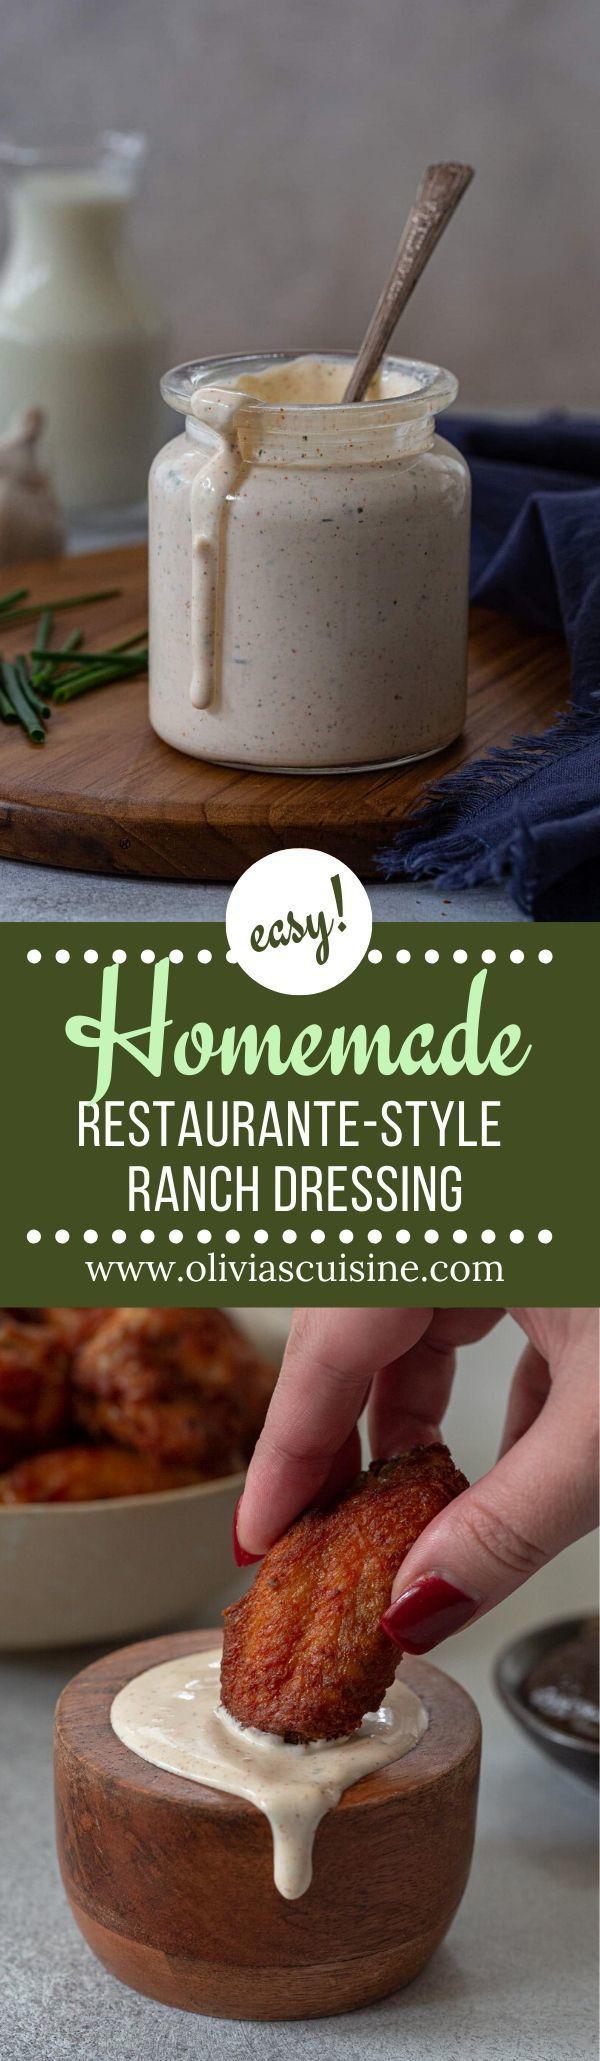 Homemade Restaurant Style Ranch Dressing Olivia S Cuisine